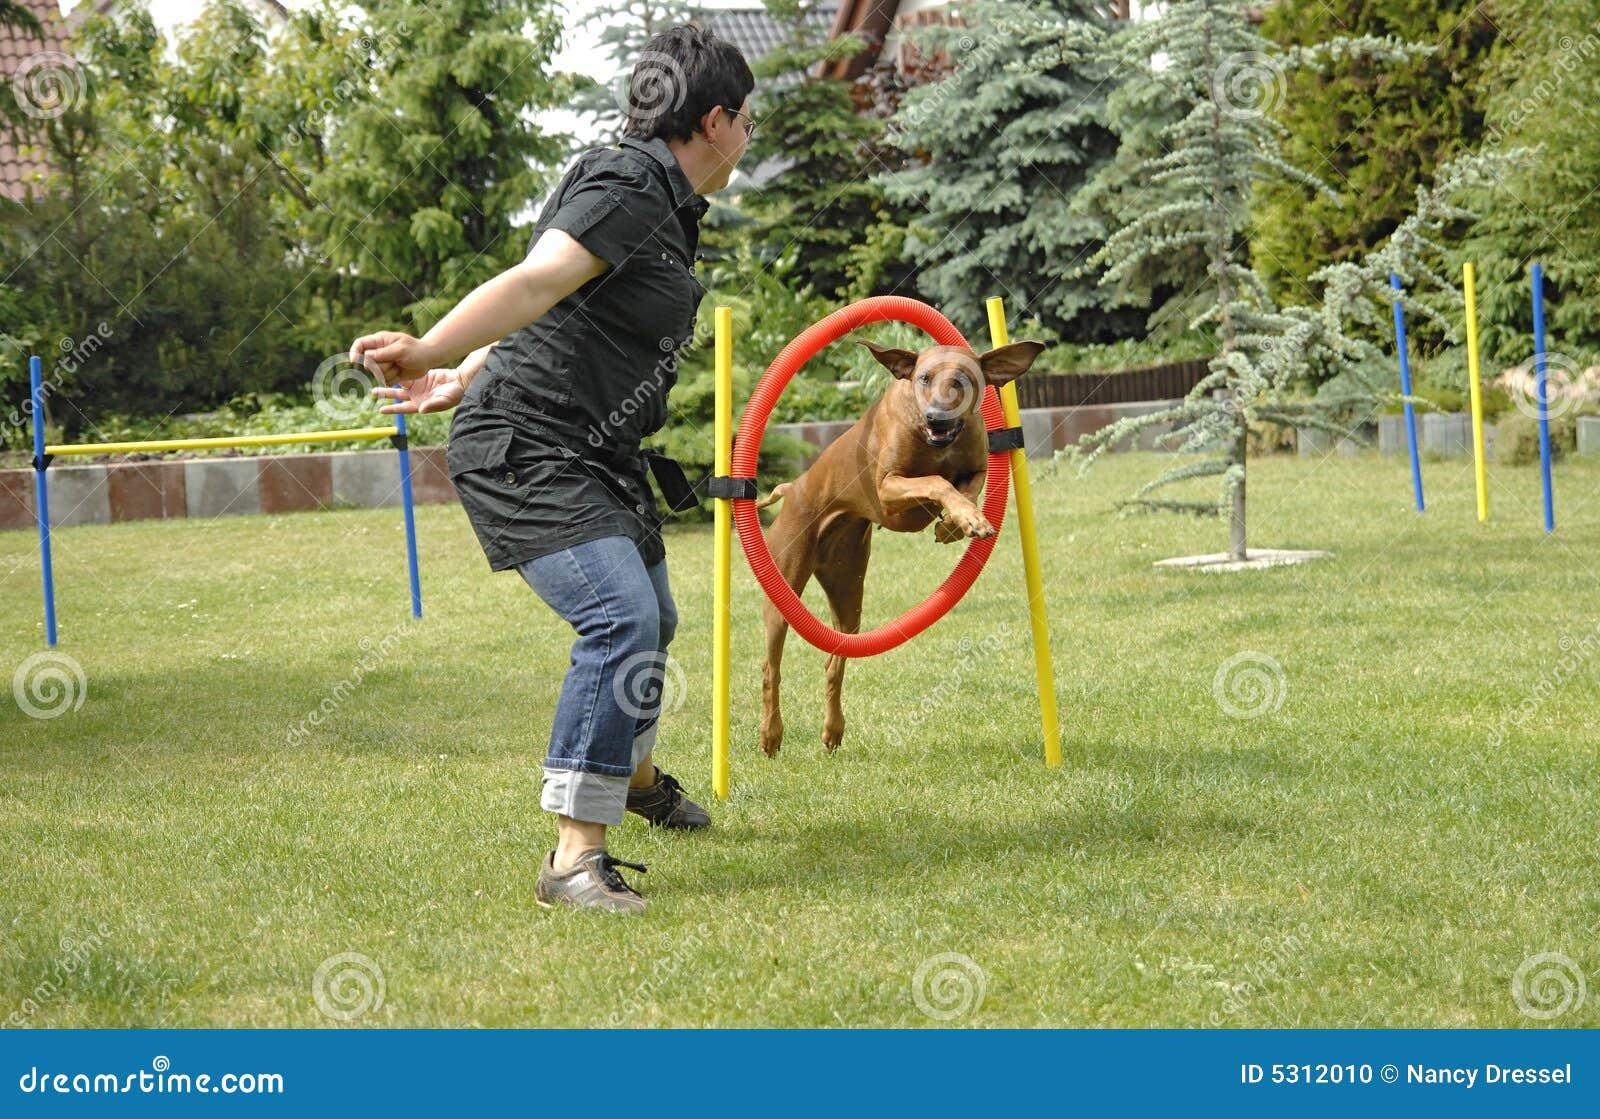 Download Divertimento Della Squadra Con I Giochi Fotografia Stock - Immagine di azione, herding: 5312010